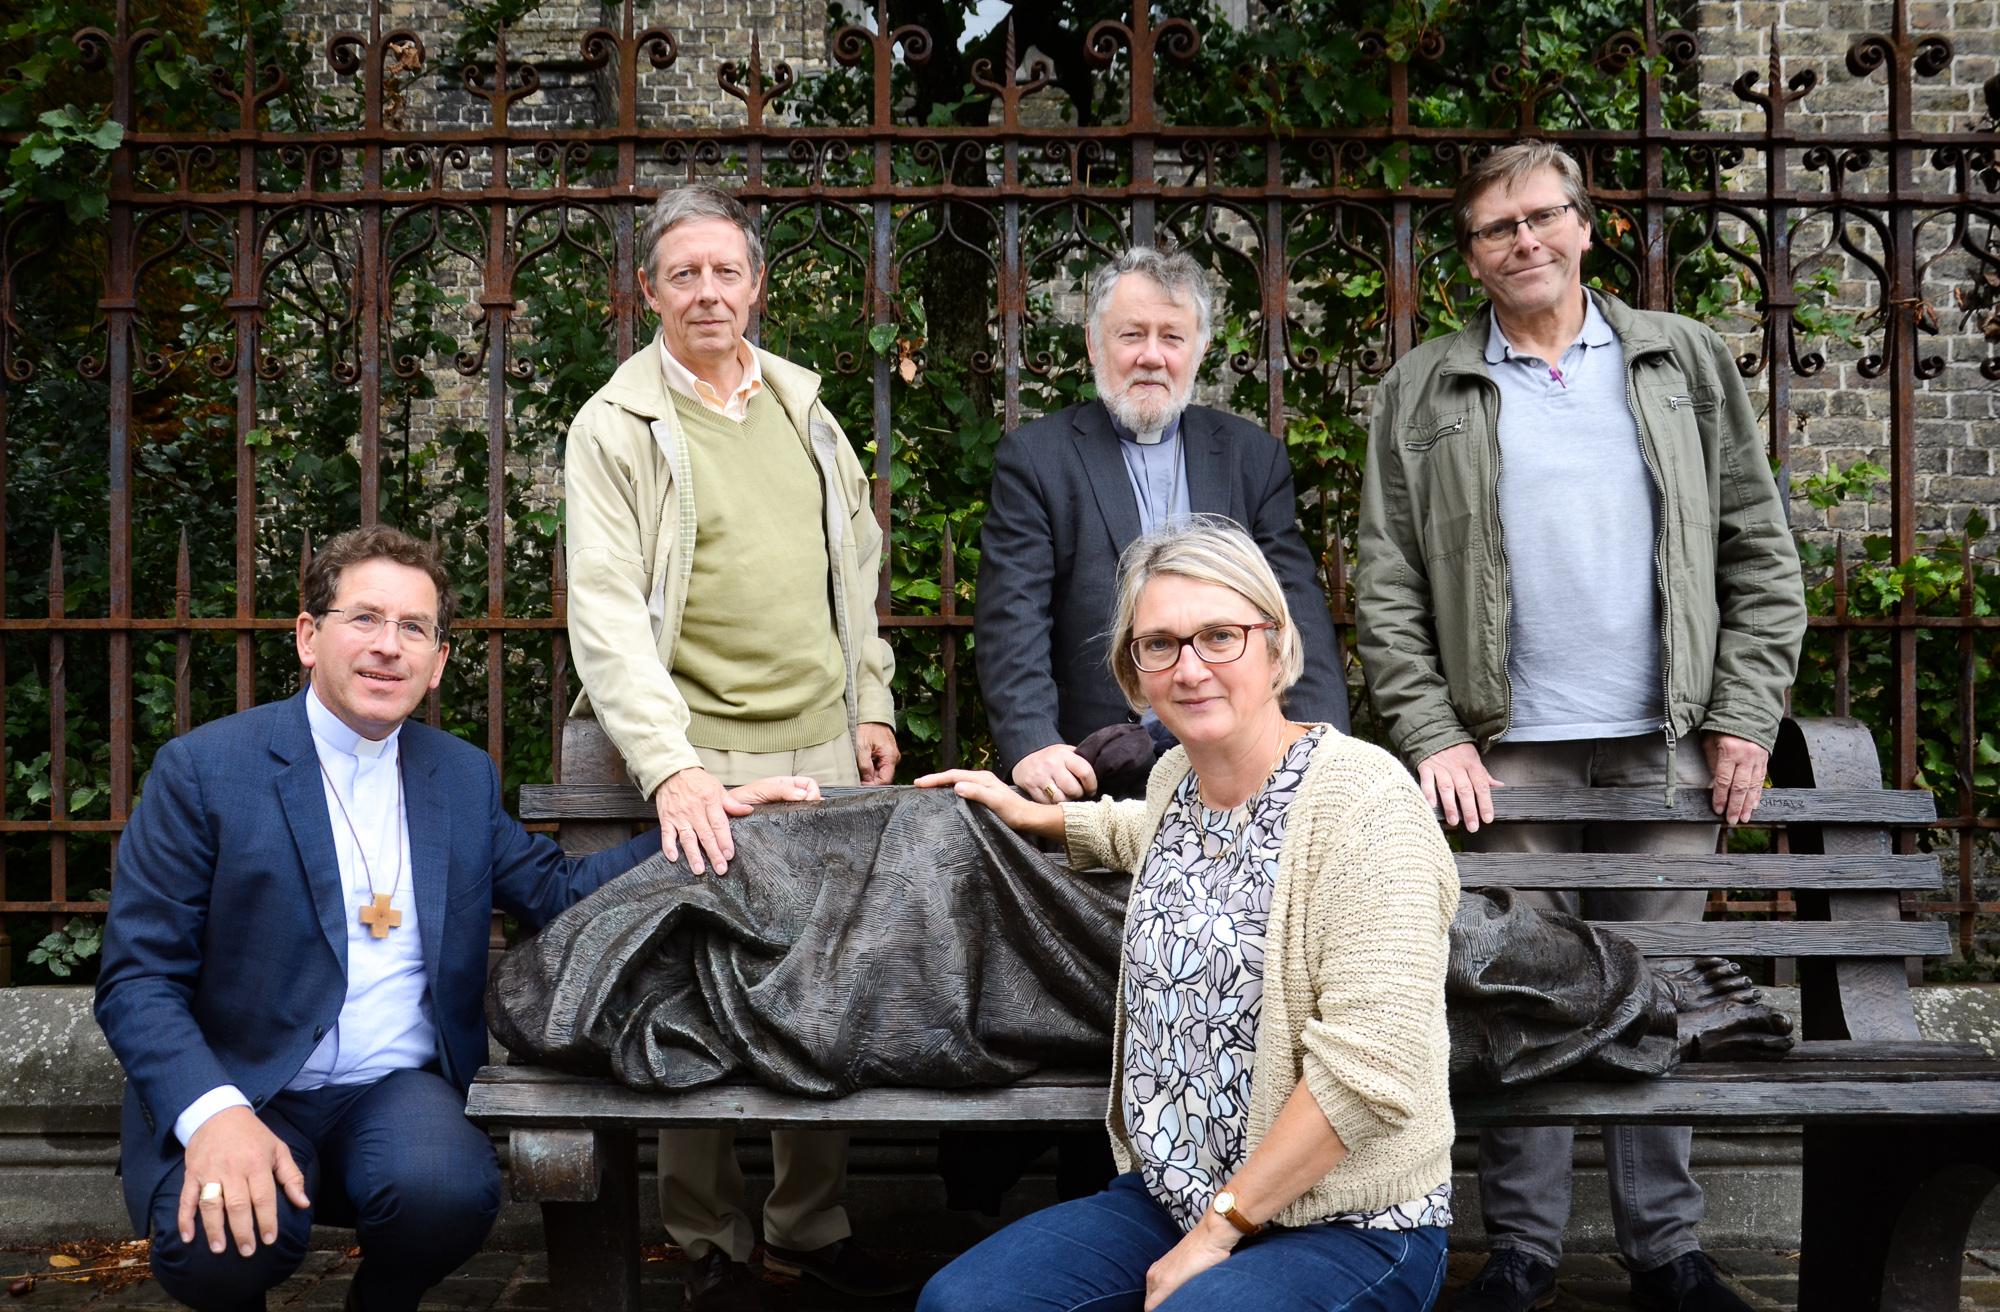 Vlnr Lode Aerts, Baudouin Van Overstraeten, Jean Kockerols, Griet Demeestere, Dominique Ballegeer © Foto Hellen Mardaga